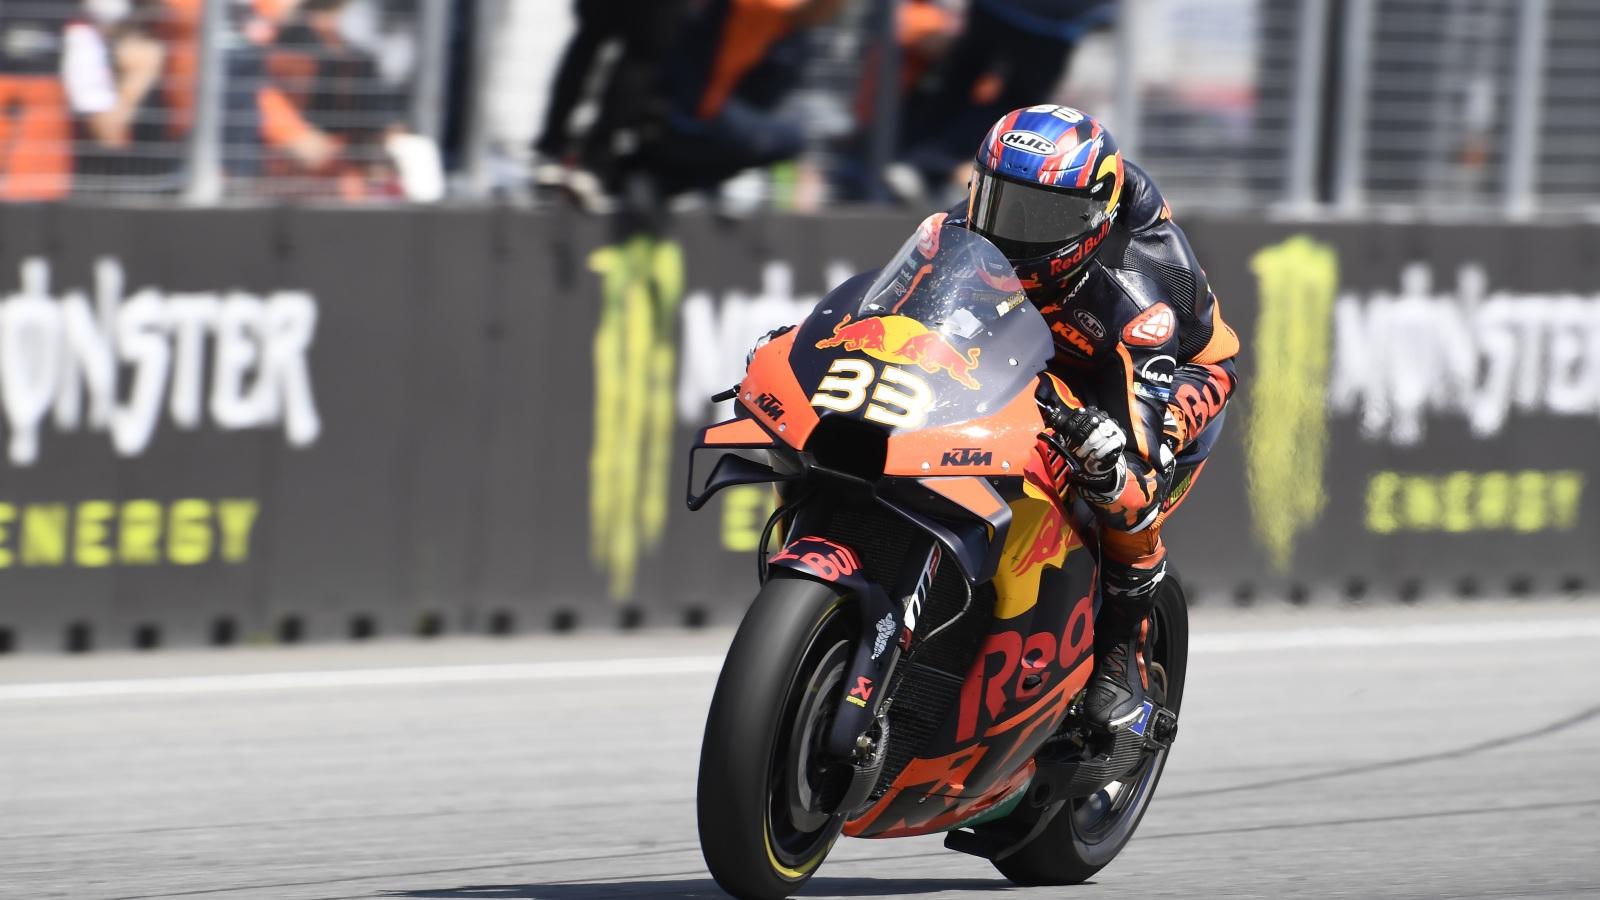 Brad Binder y KTM, un golpe de estado en MotoGP